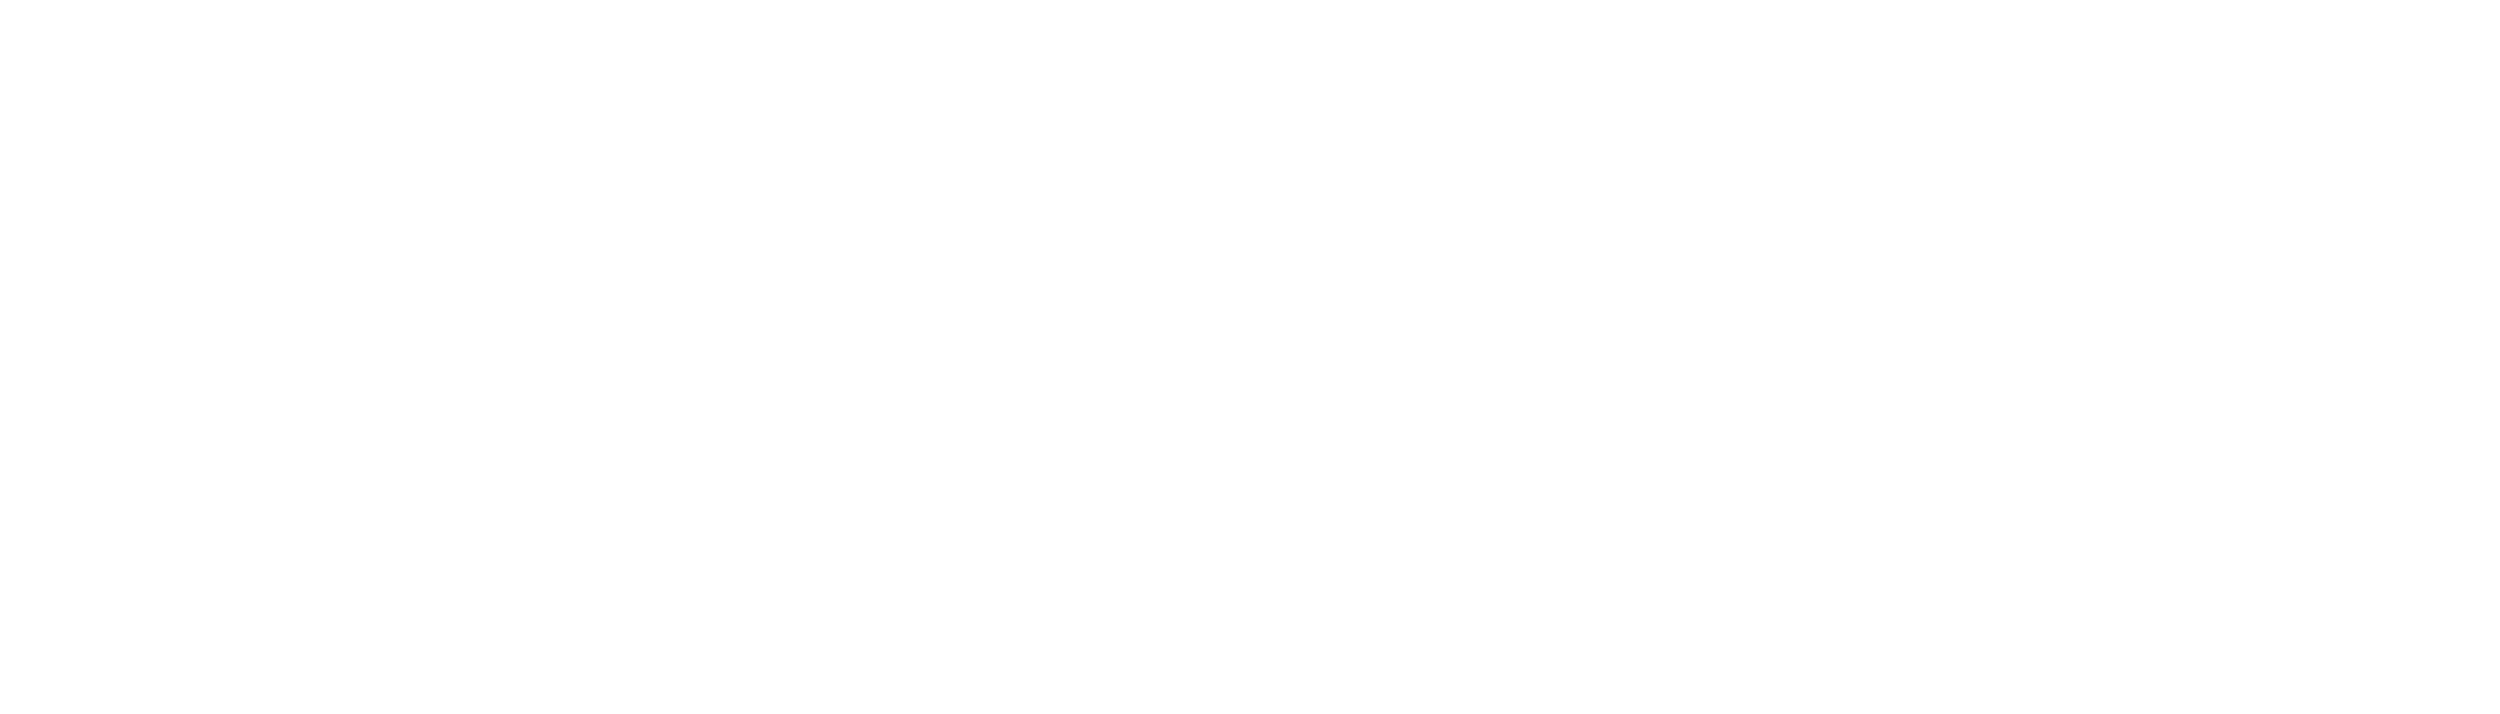 Elektrolux-Logo-Negativ-Partner.png